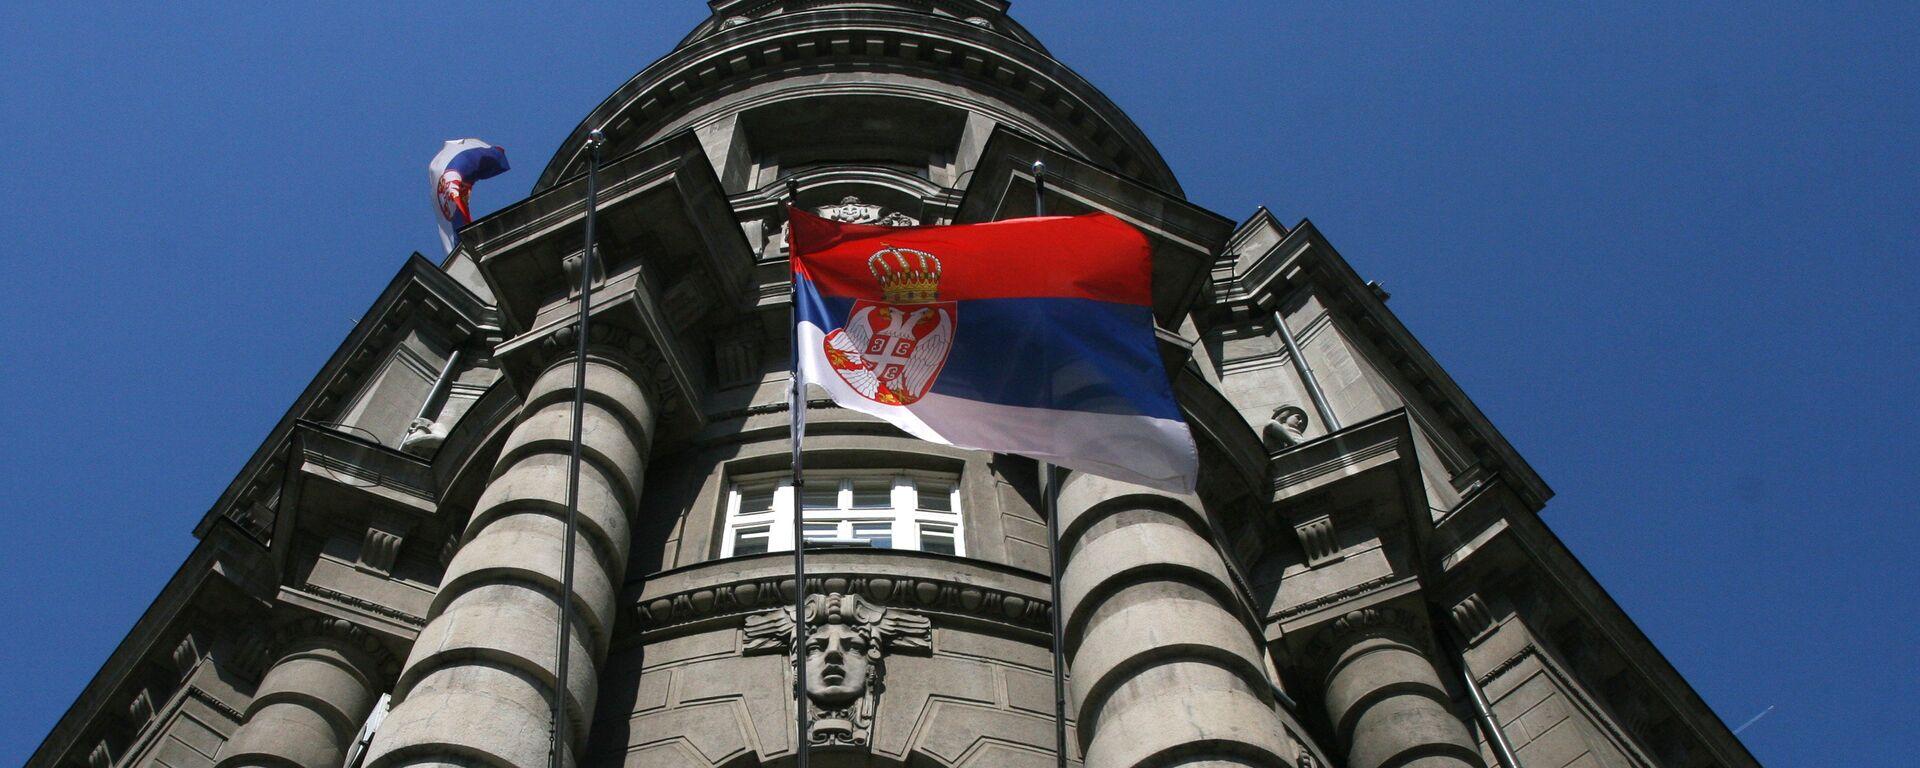 Vlada Republike Srbije - Sputnik Srbija, 1920, 23.07.2021